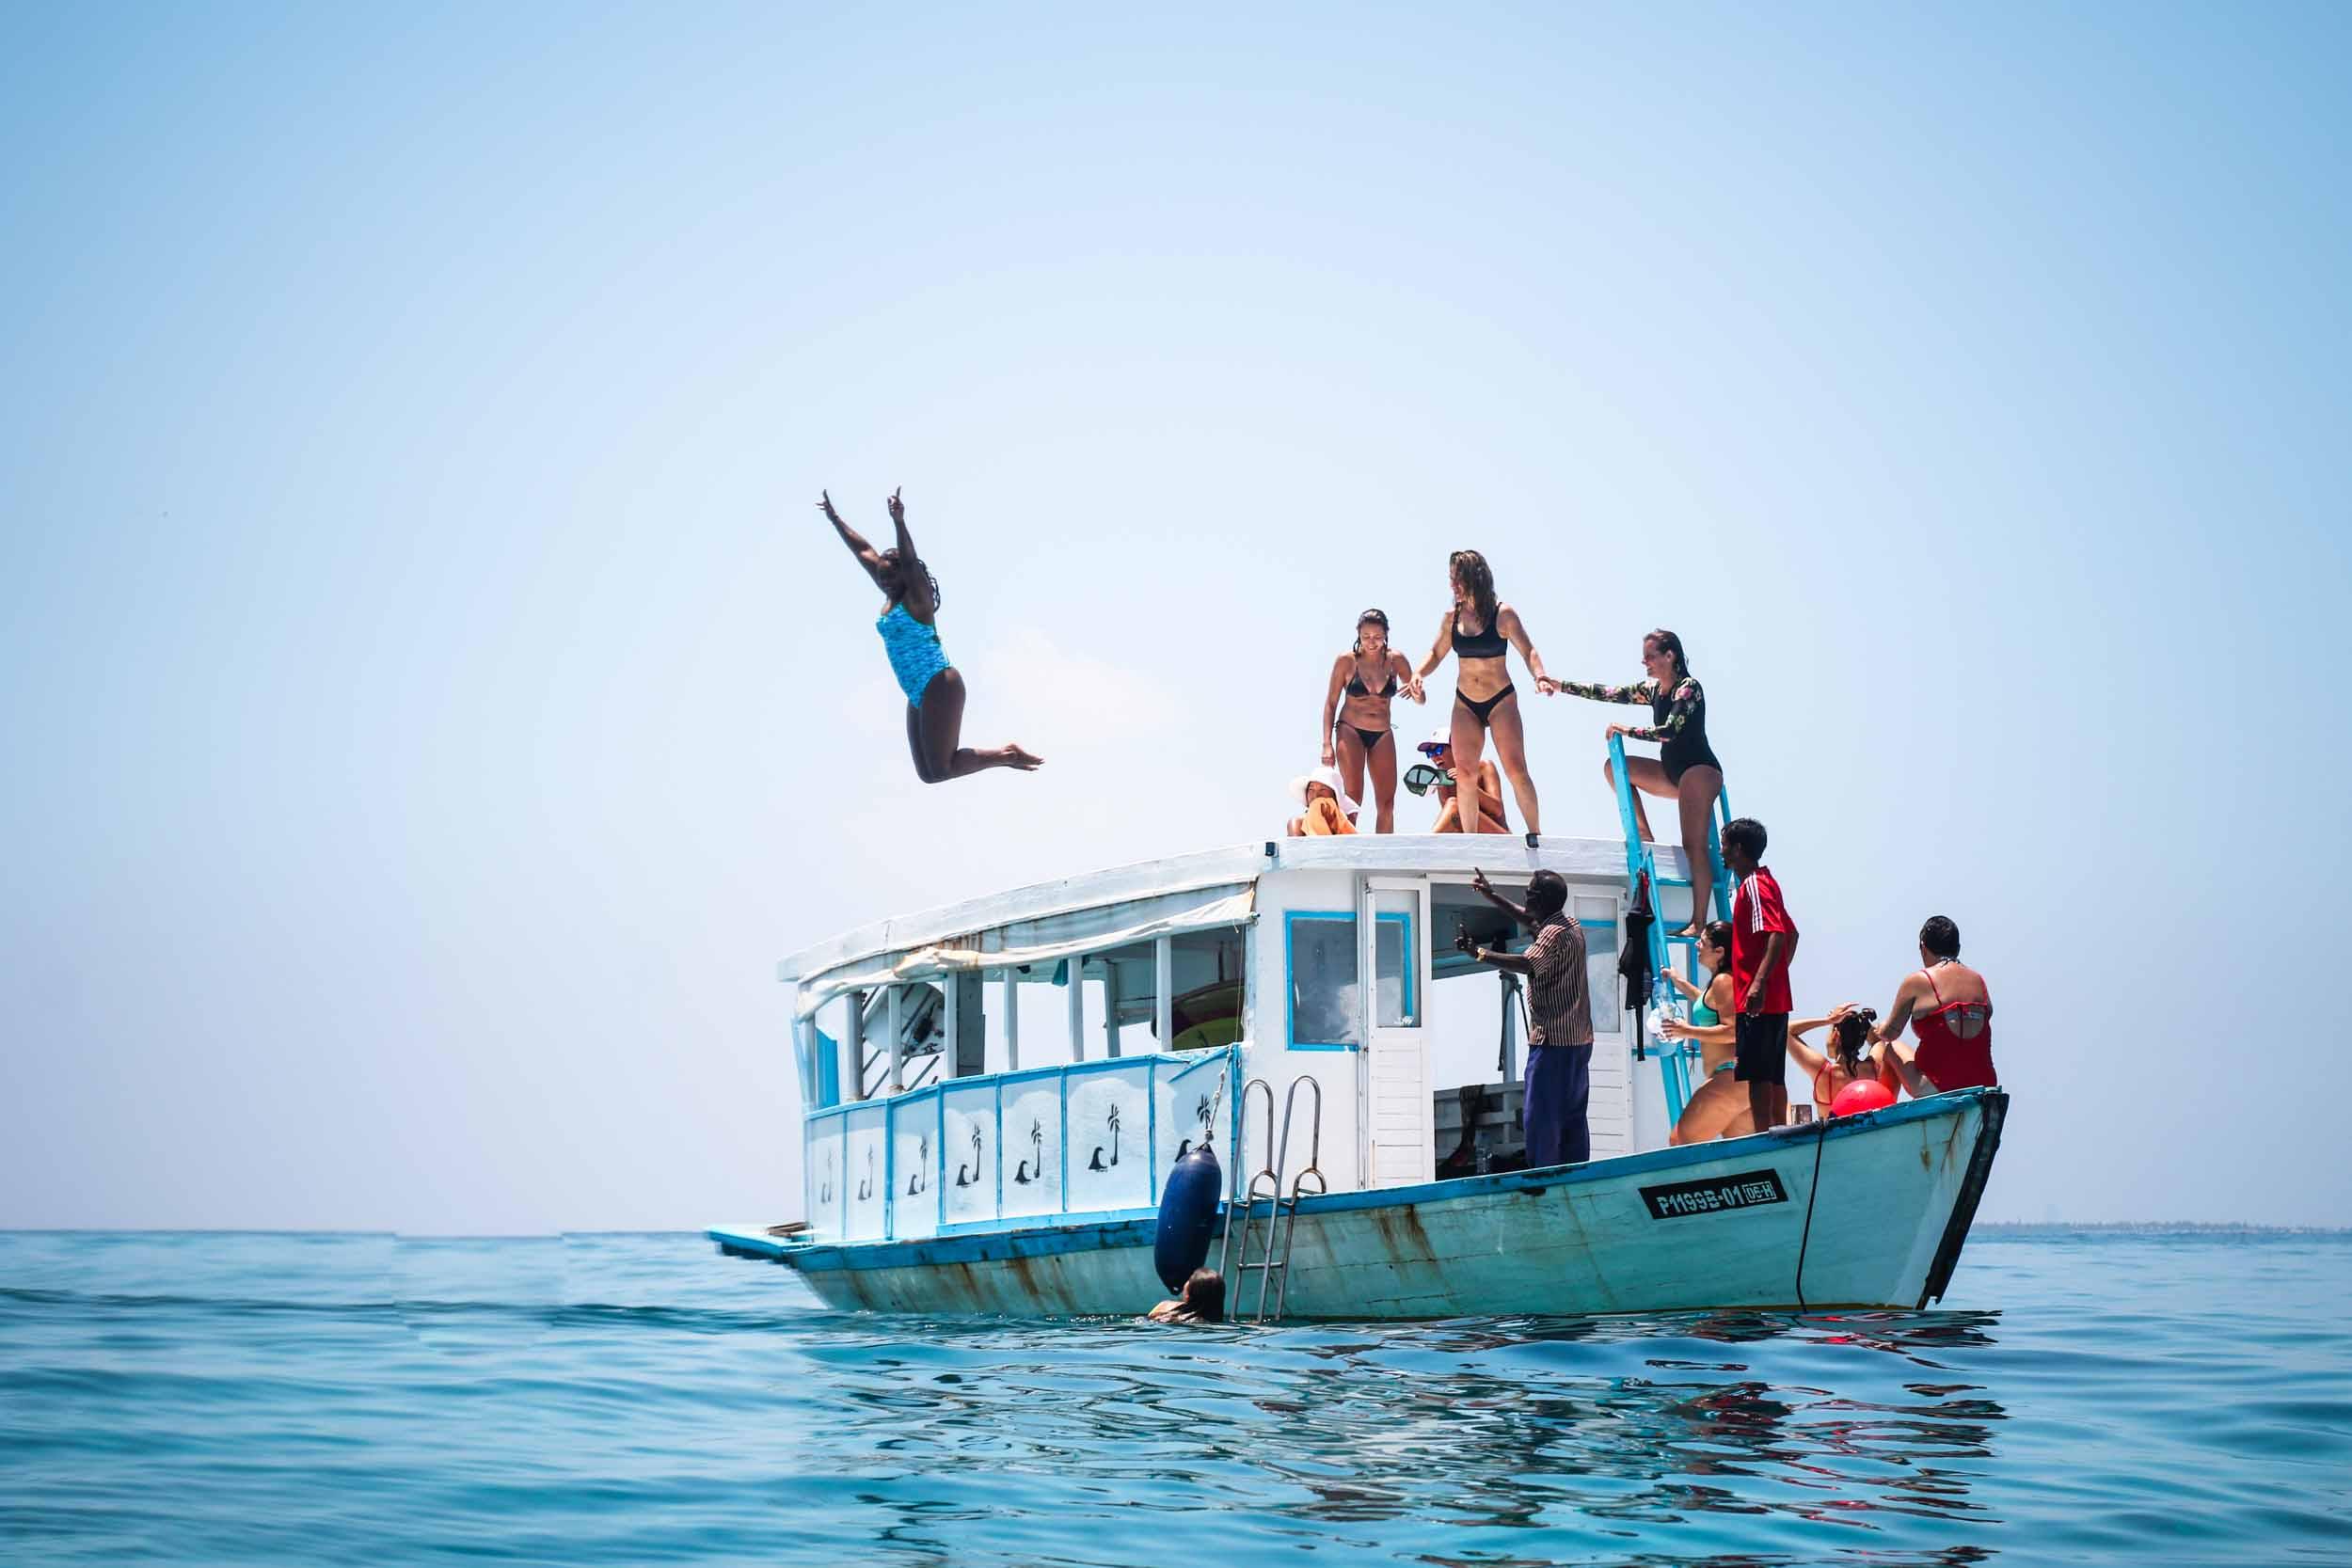 GirlsSurfingExperienceMALDIVAS-1210.jpg